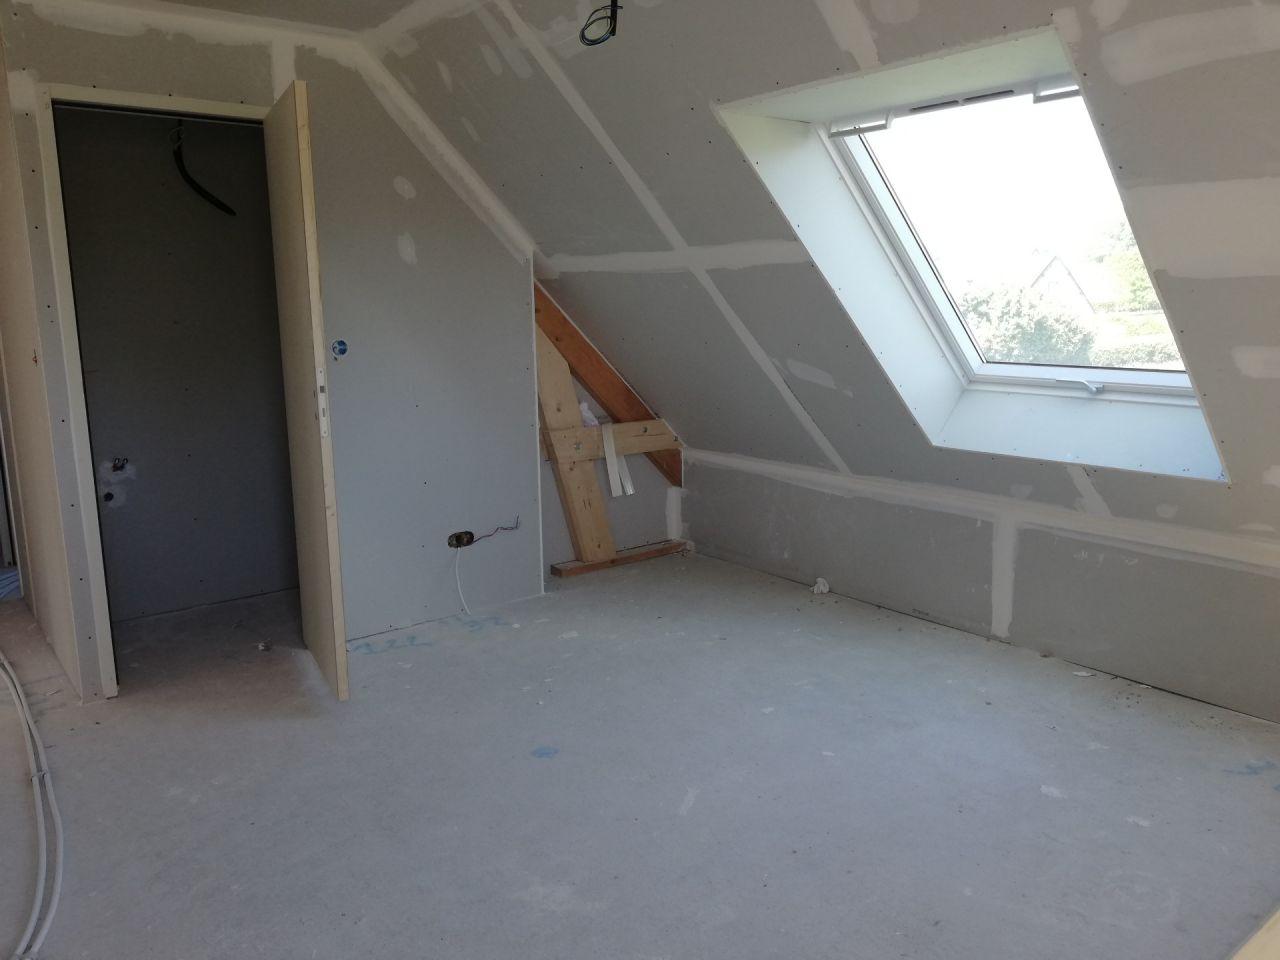 Cloisons posées, mezzanine étage